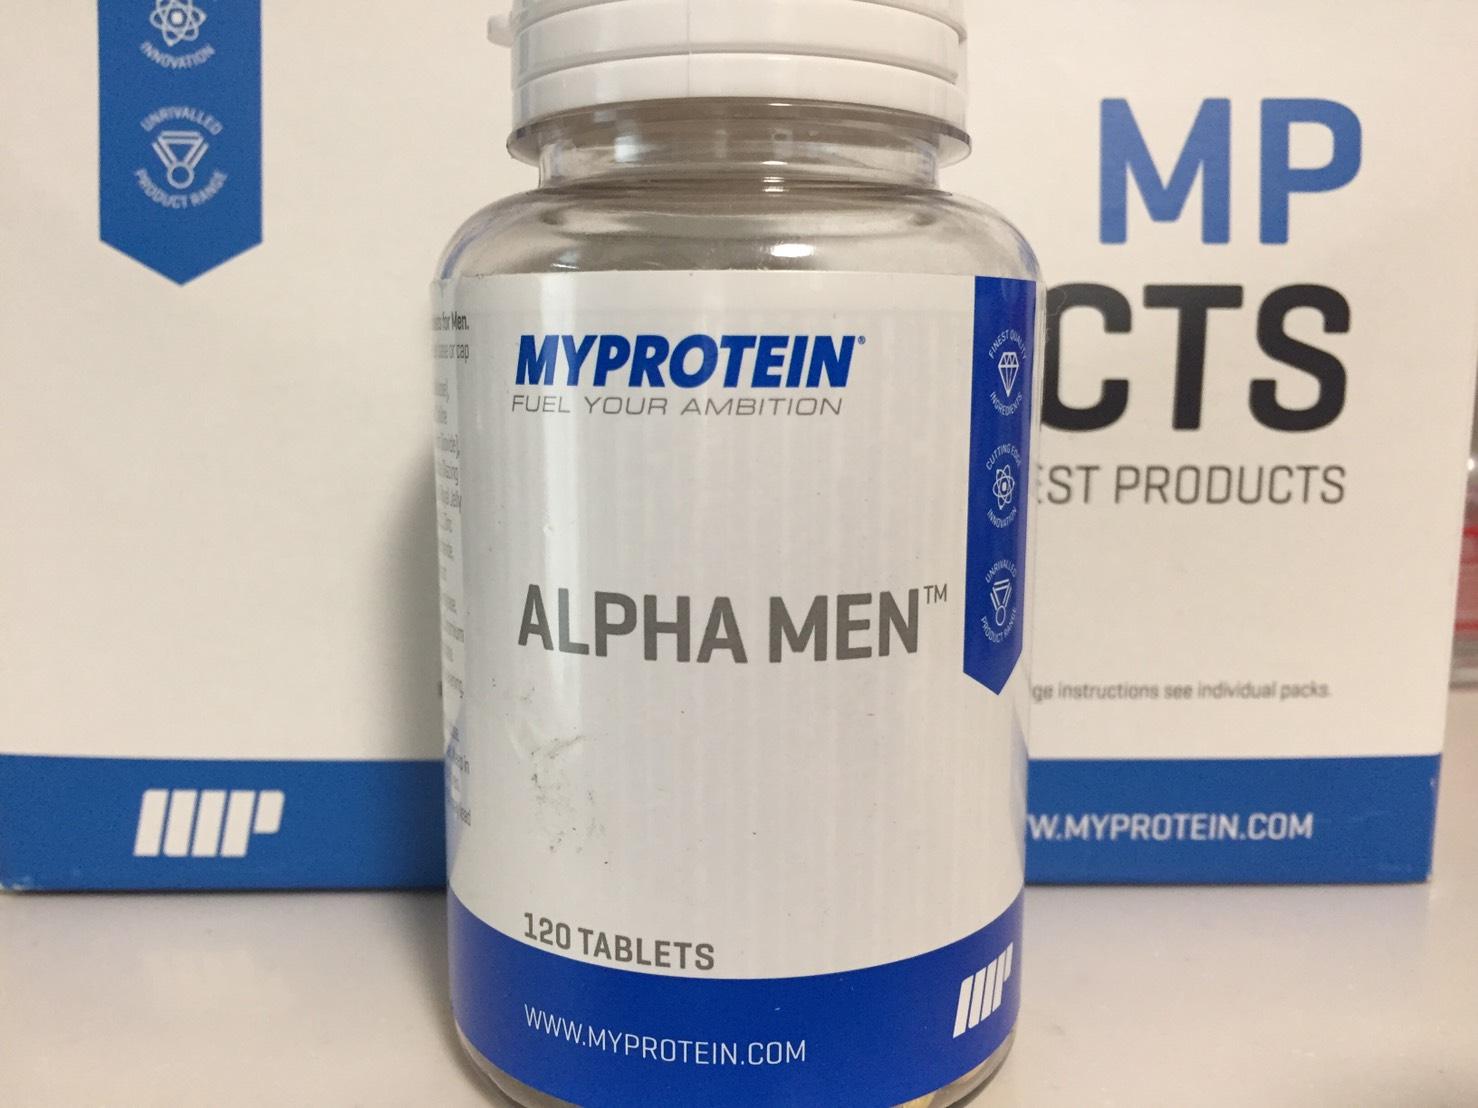 アルファ・メンはポット型の容器に入っています。これは120錠タイプです。